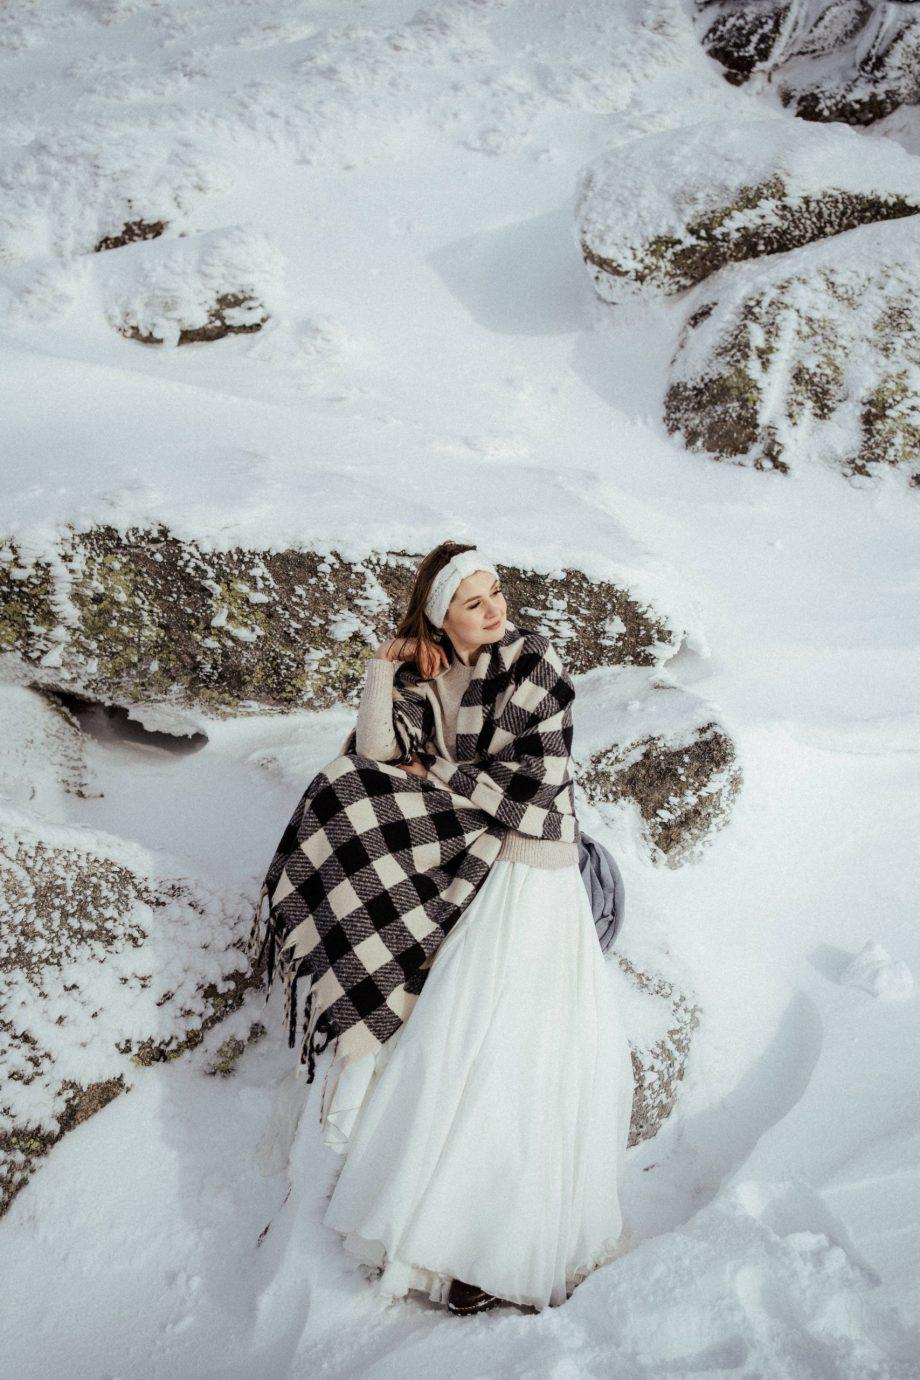 Sesja zimowa w górach